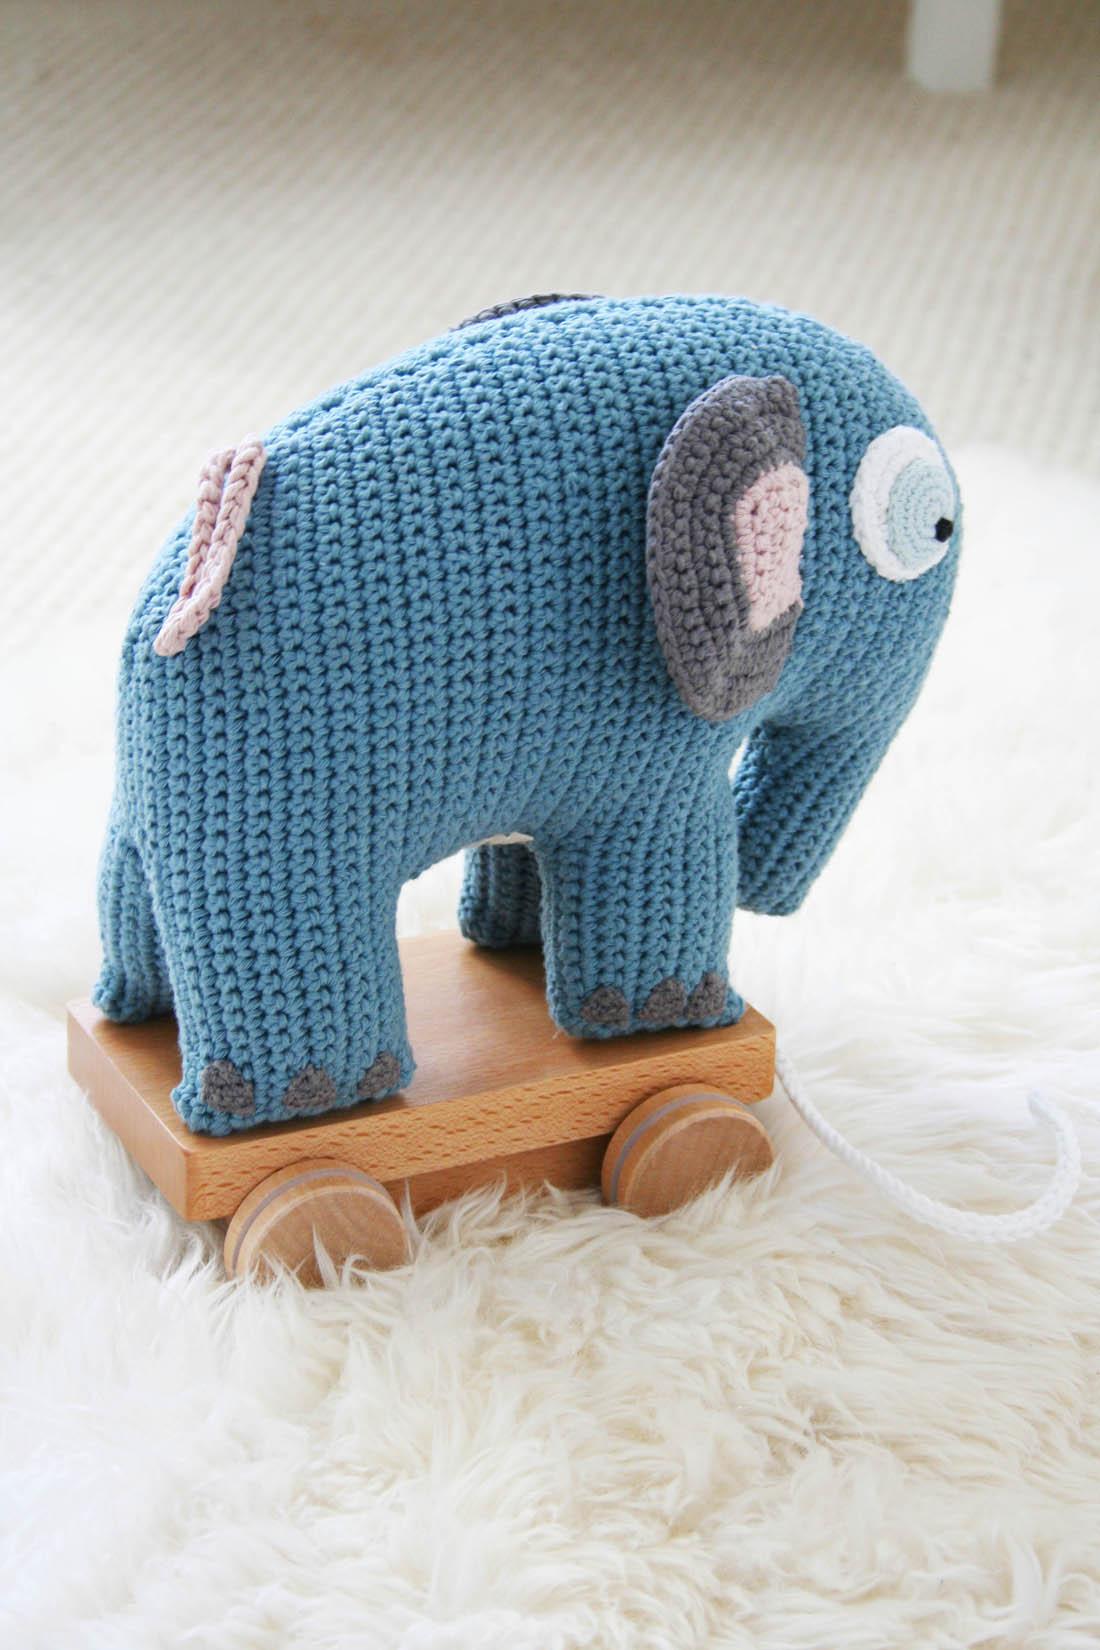 Nursery tour | Sebra elephant on wheels | Apartment Apothecary